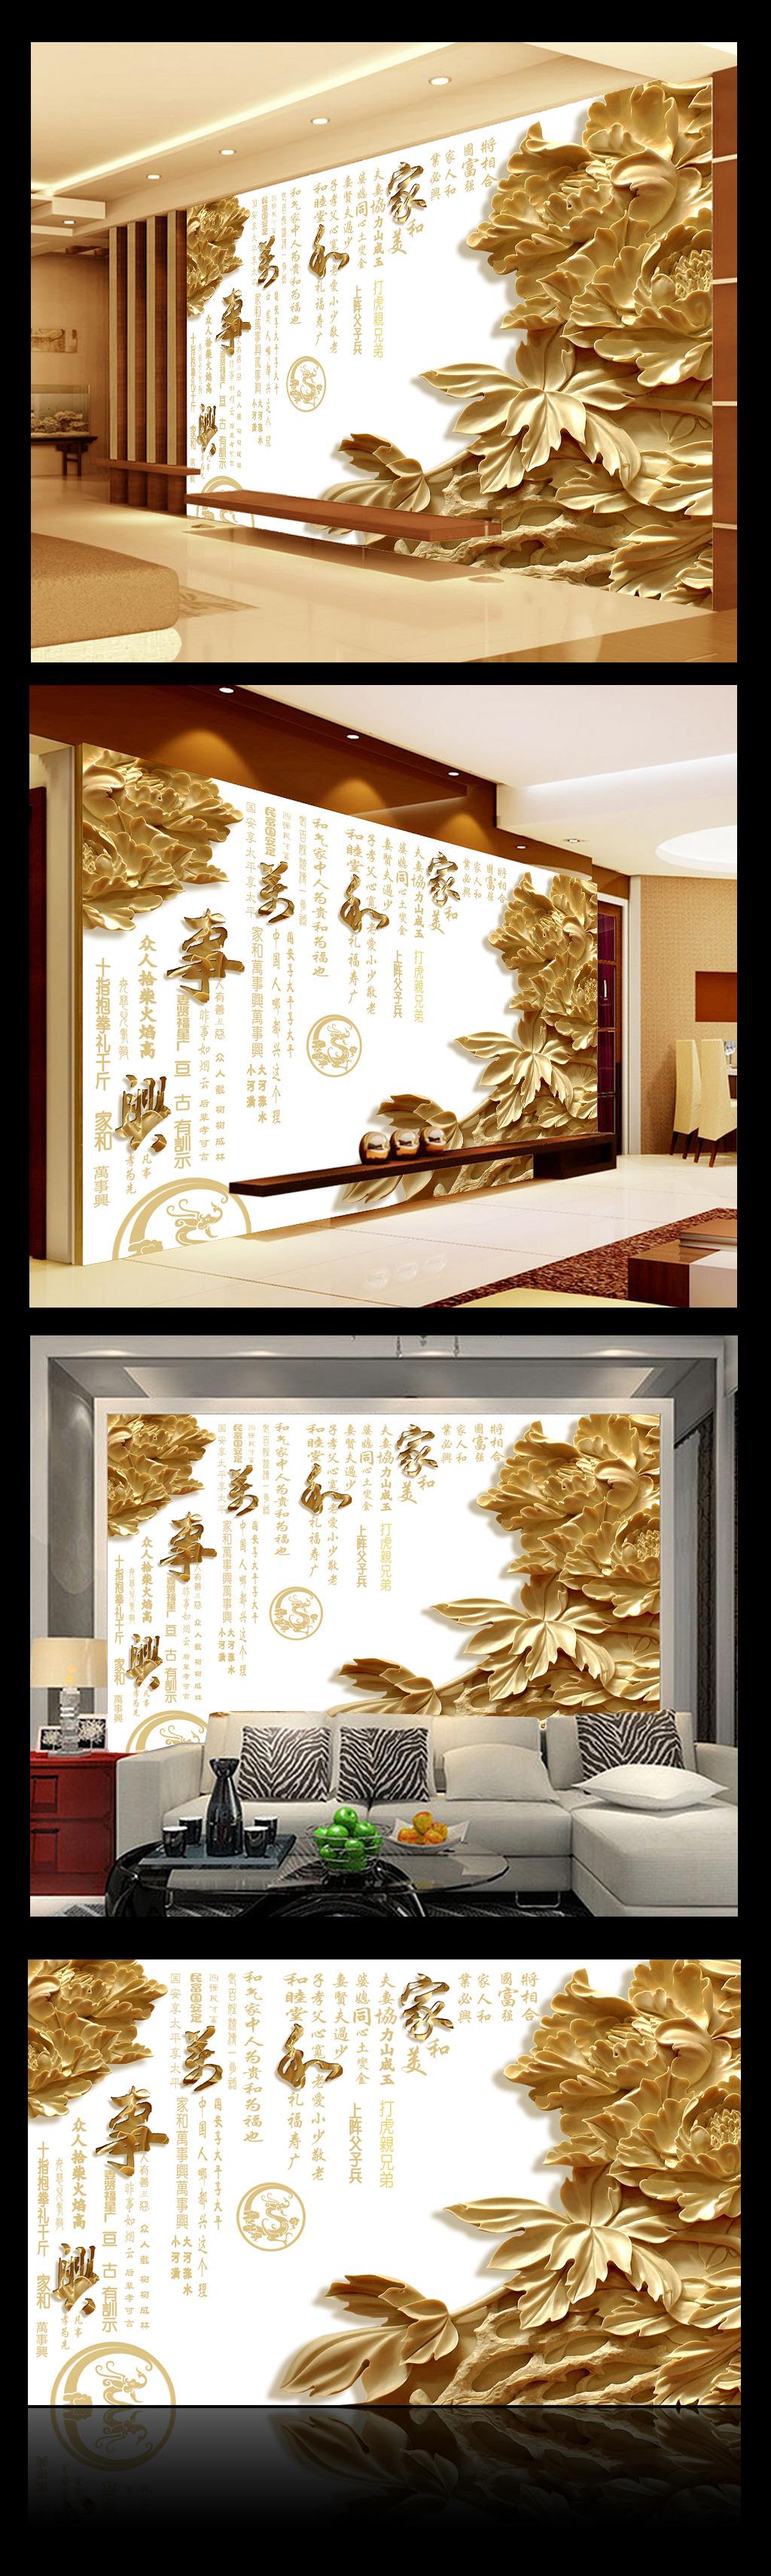 我图网提供精品流行高档立体木雕牡丹客厅电视背景墙素材下载,作品模板源文件可以编辑替换,设计作品简介: 高档立体木雕牡丹客厅电视背景墙 位图, RGB格式高清大图,使用软件为 Photoshop CS2(.psb)